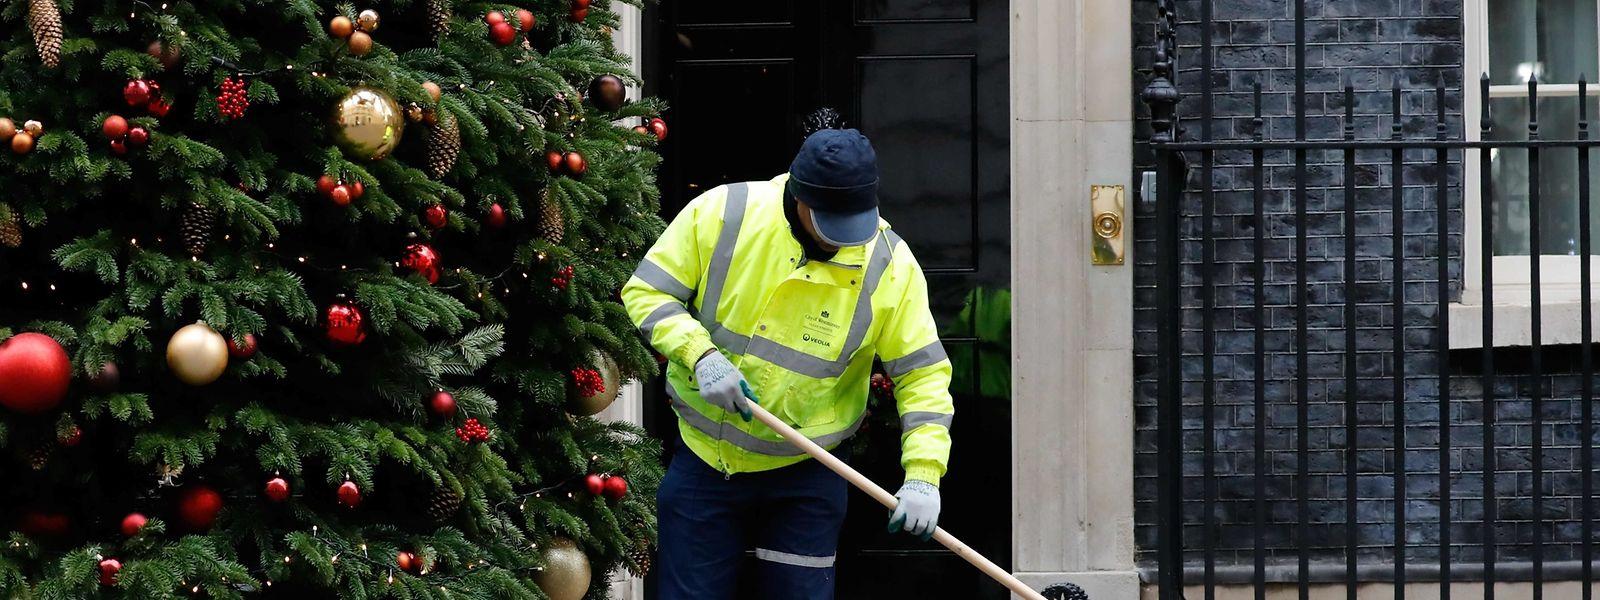 Un travailleur balaie les feuilles sur le parvis du 10, Downing Street à Londres, adresse du Premier ministre anglais.